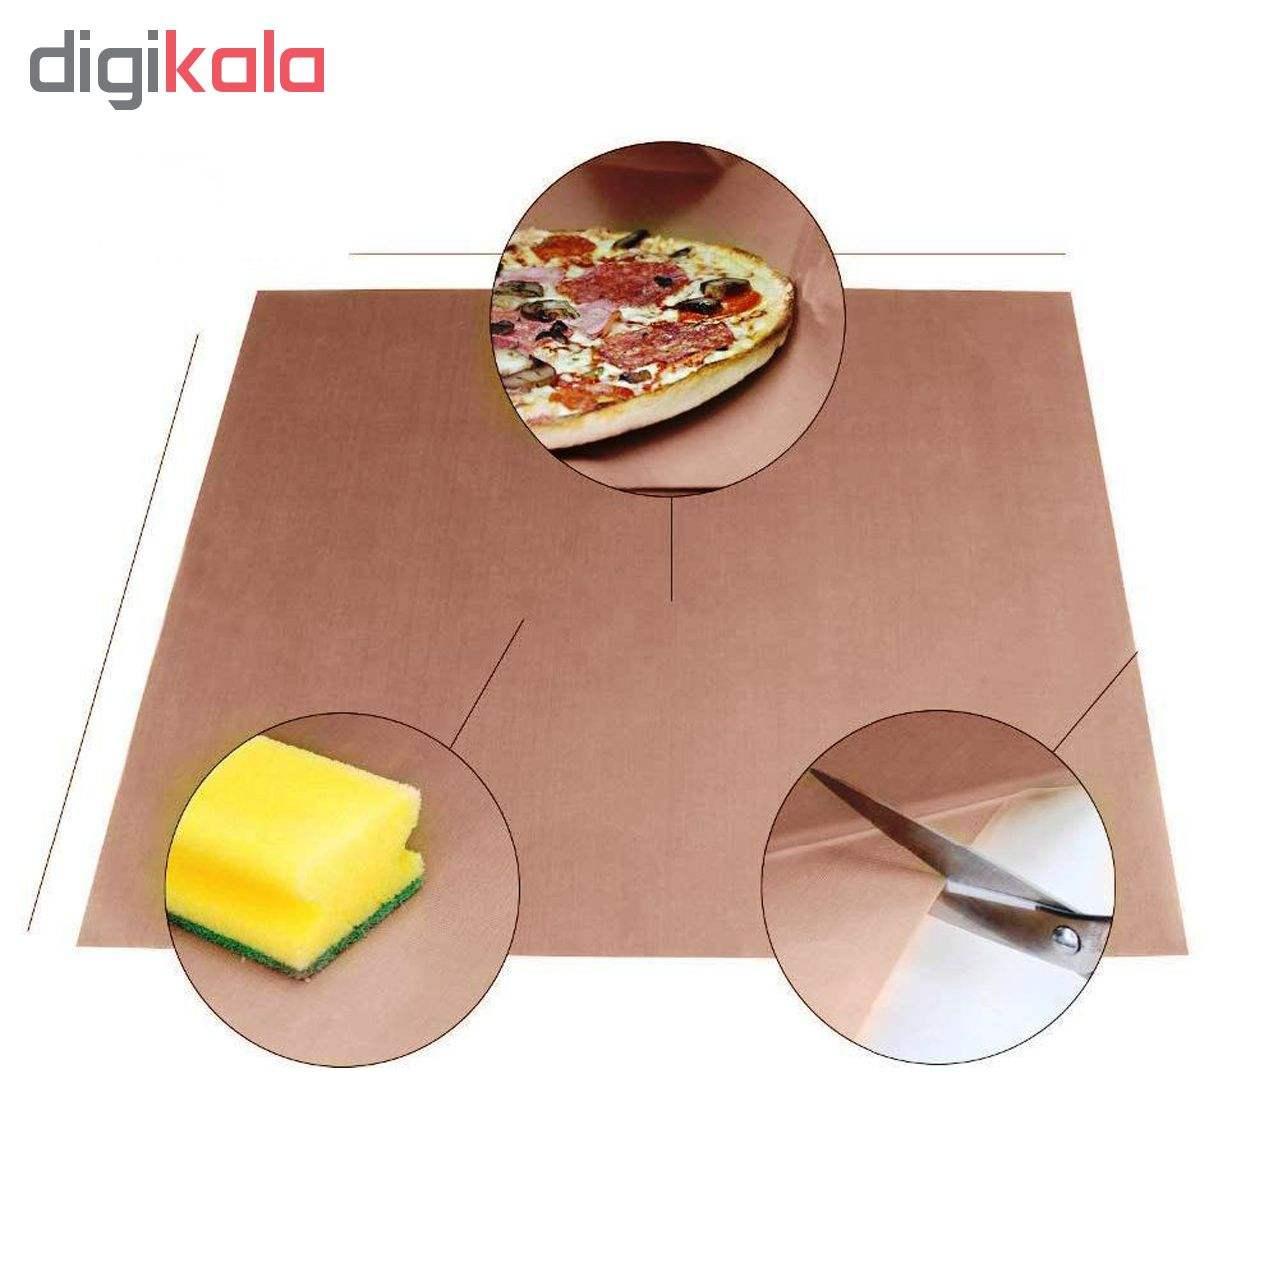 ورق نسوز آشپزی و شیرینی پزی  مدل 4060 بسته 2 عددی main 1 4